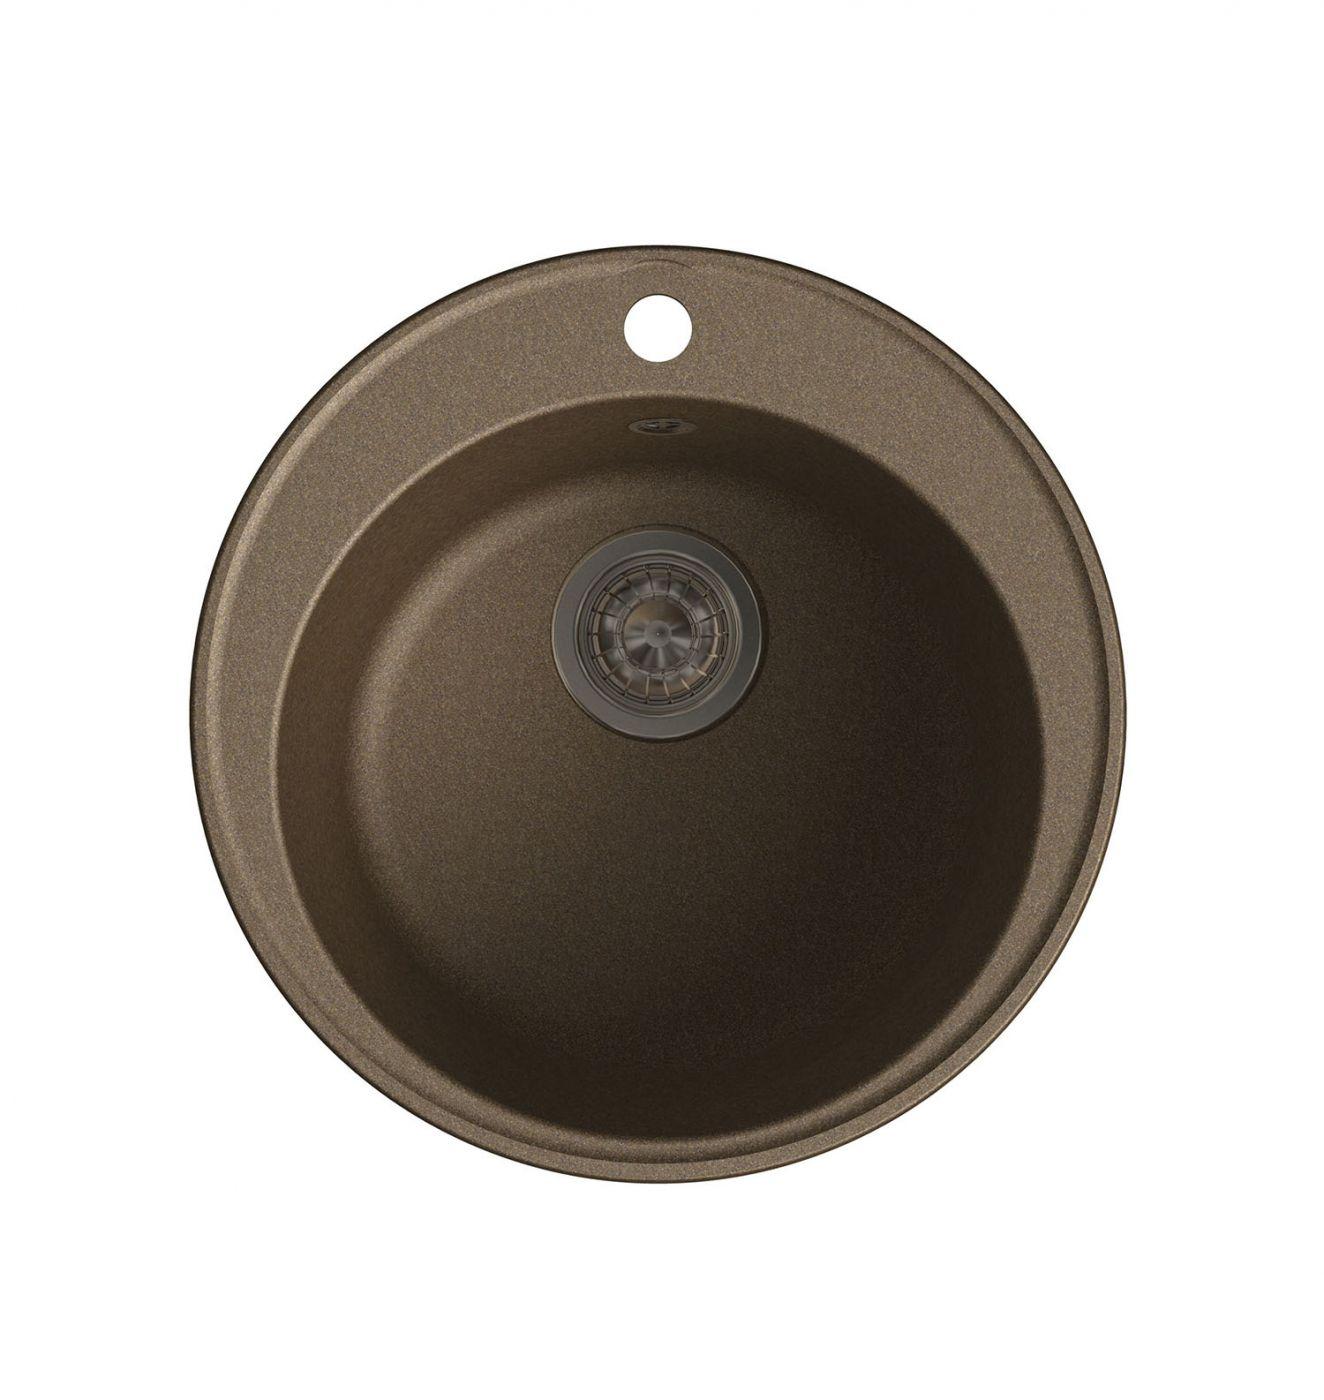 Врезная кухонная мойка LEX Lugano 480 Chocolate  48х48см полимер RULE000003